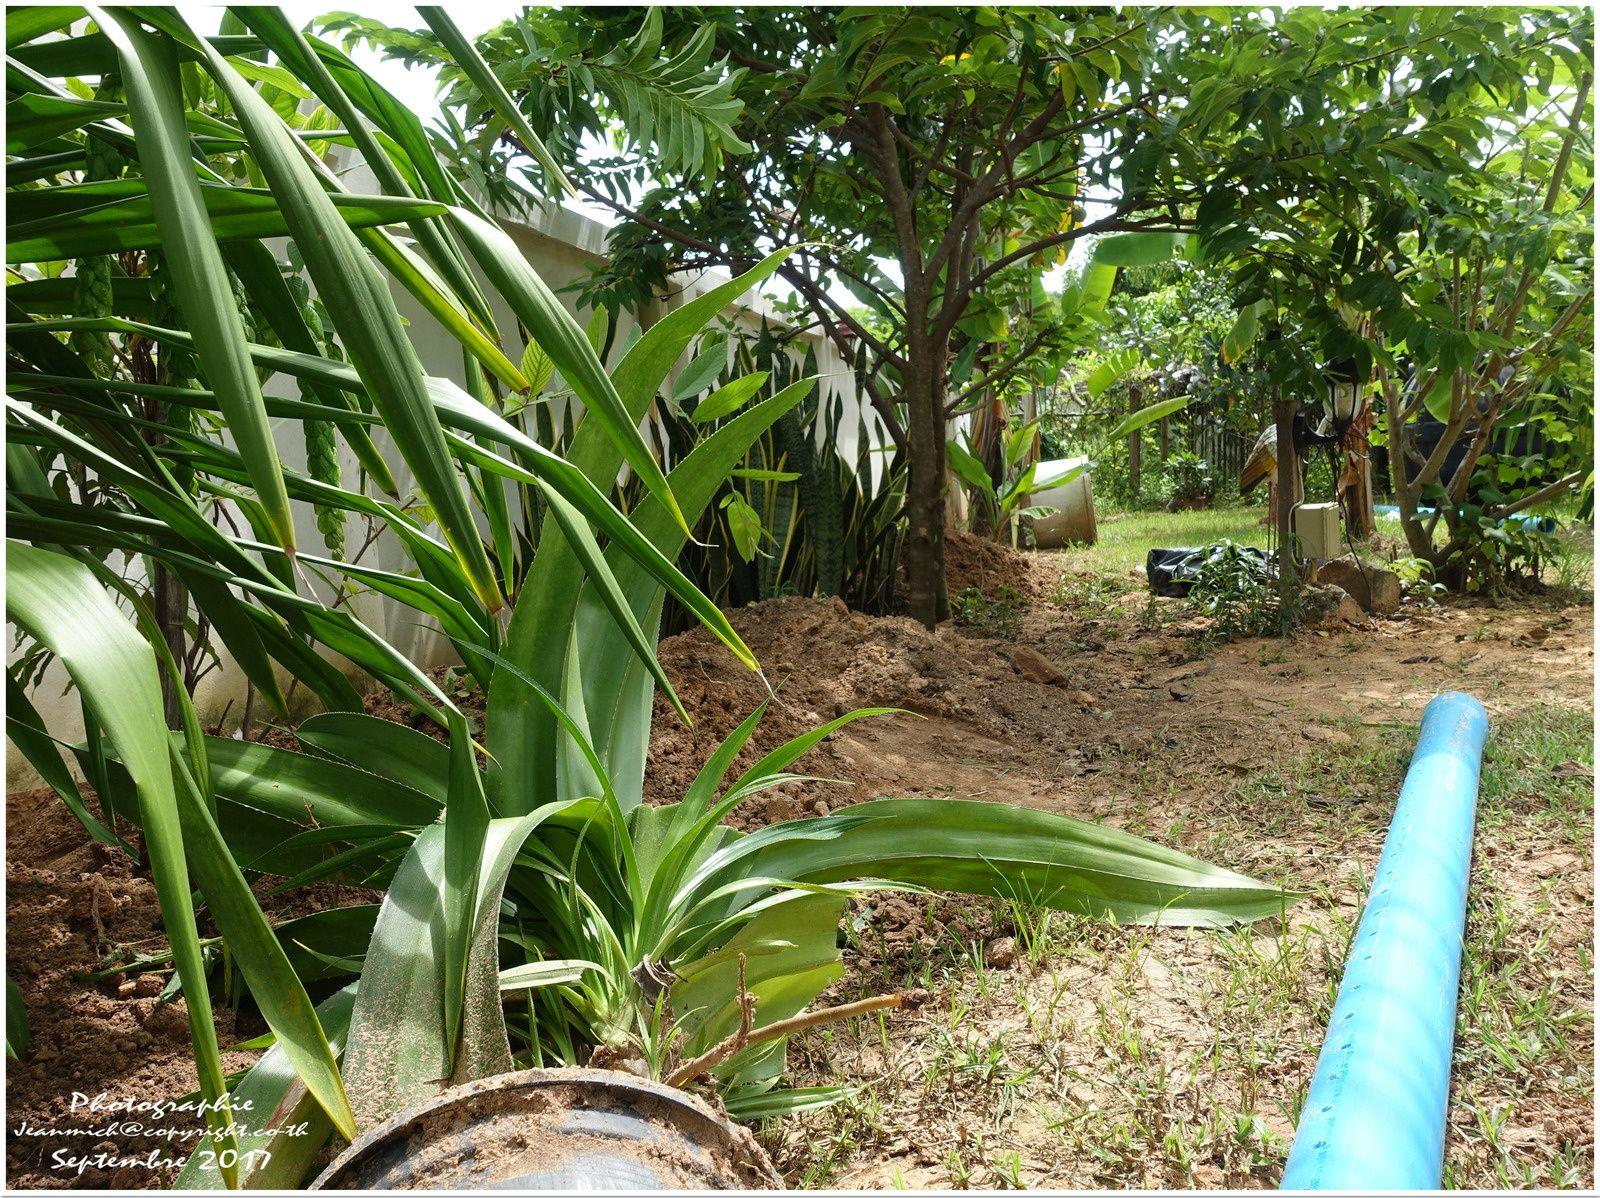 Suite des travaux de remise en état (Thaïlande, Isaan)